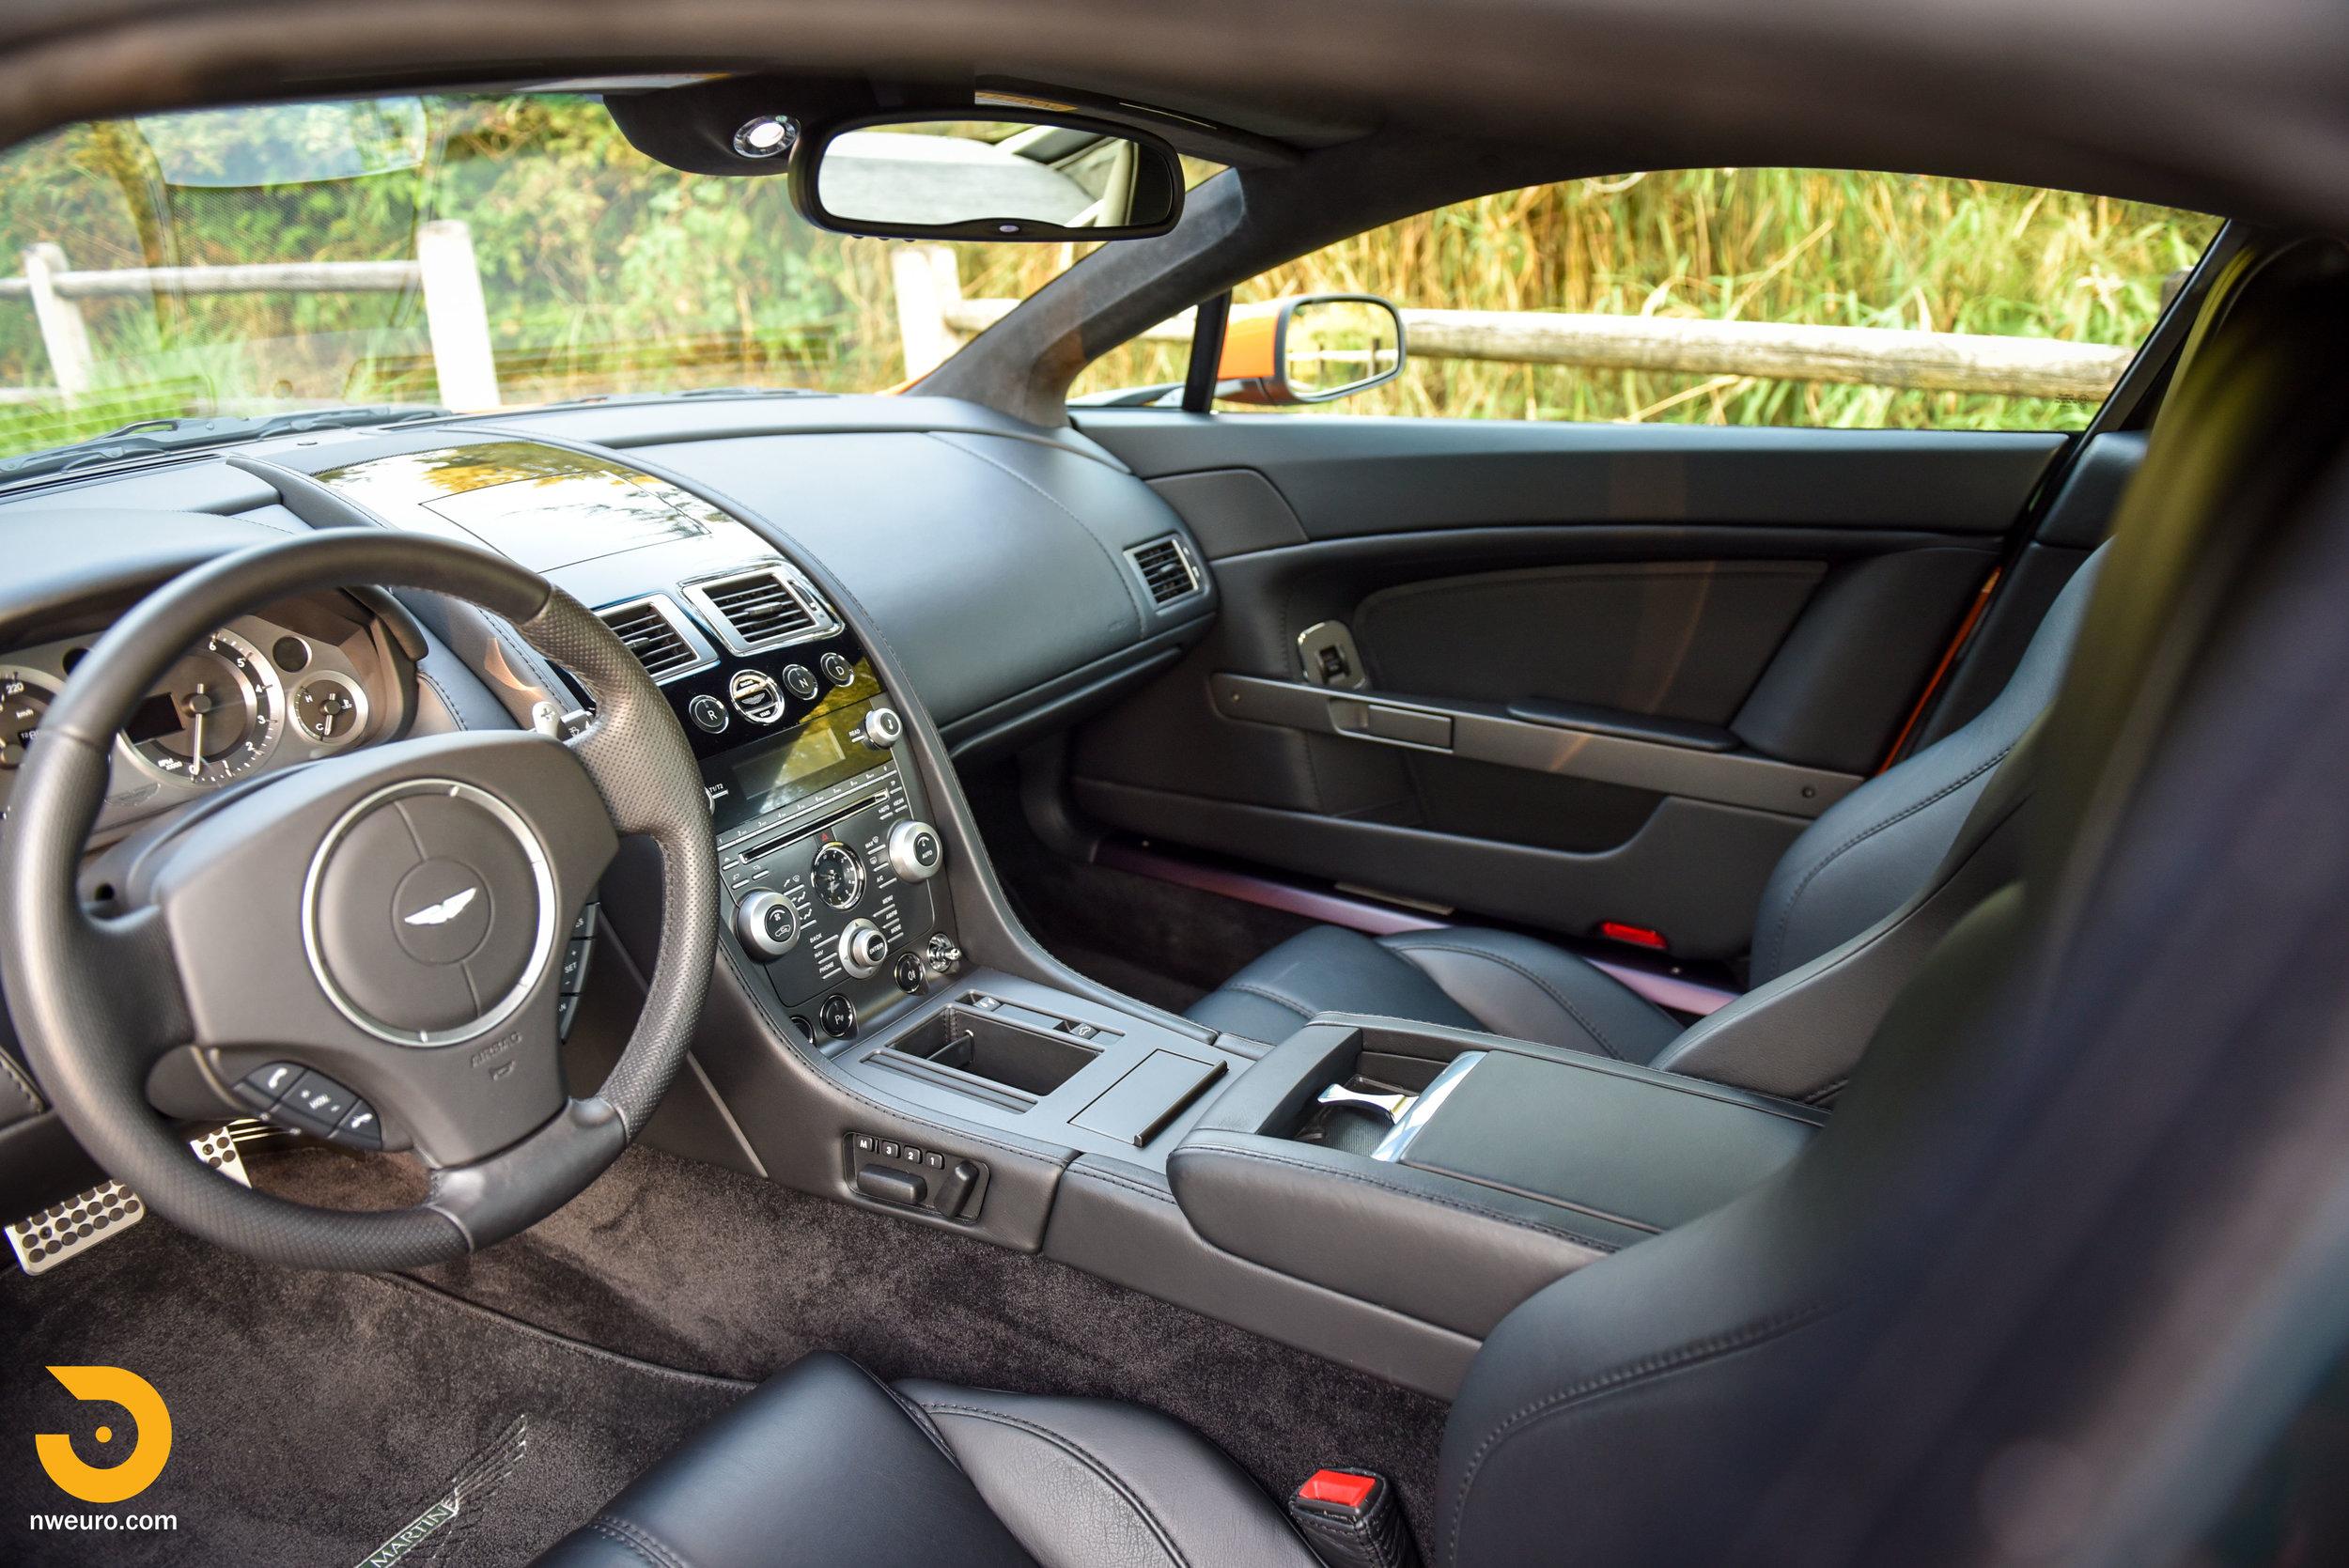 2009 Aston Martin V8 Vantage-36.jpg